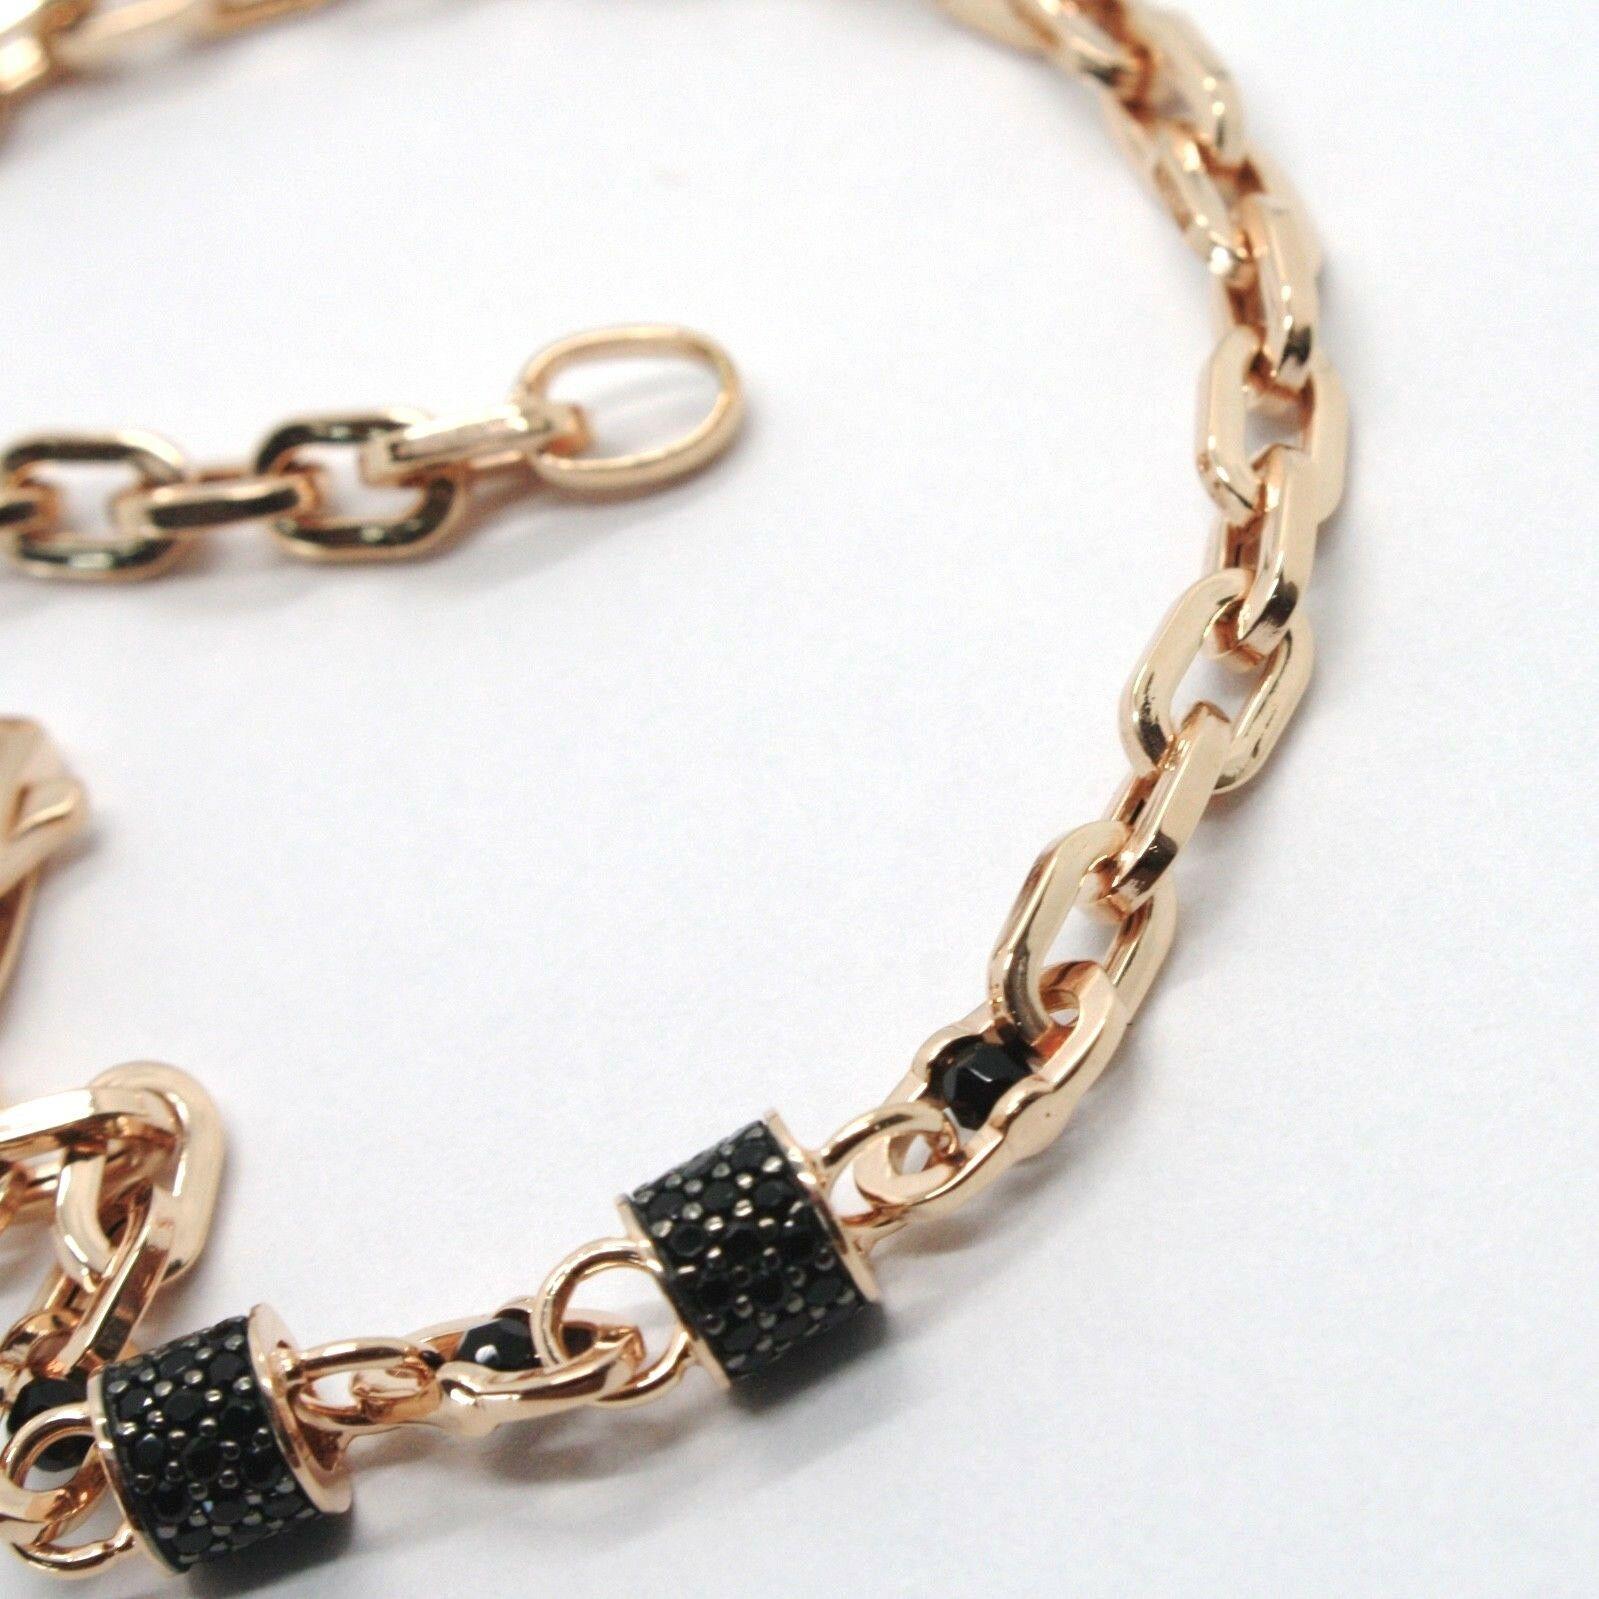 Armband Gold Pink 18K 750, Röhren mit Zirkonia Schwarze und Ovale Abwechselnde, image 2